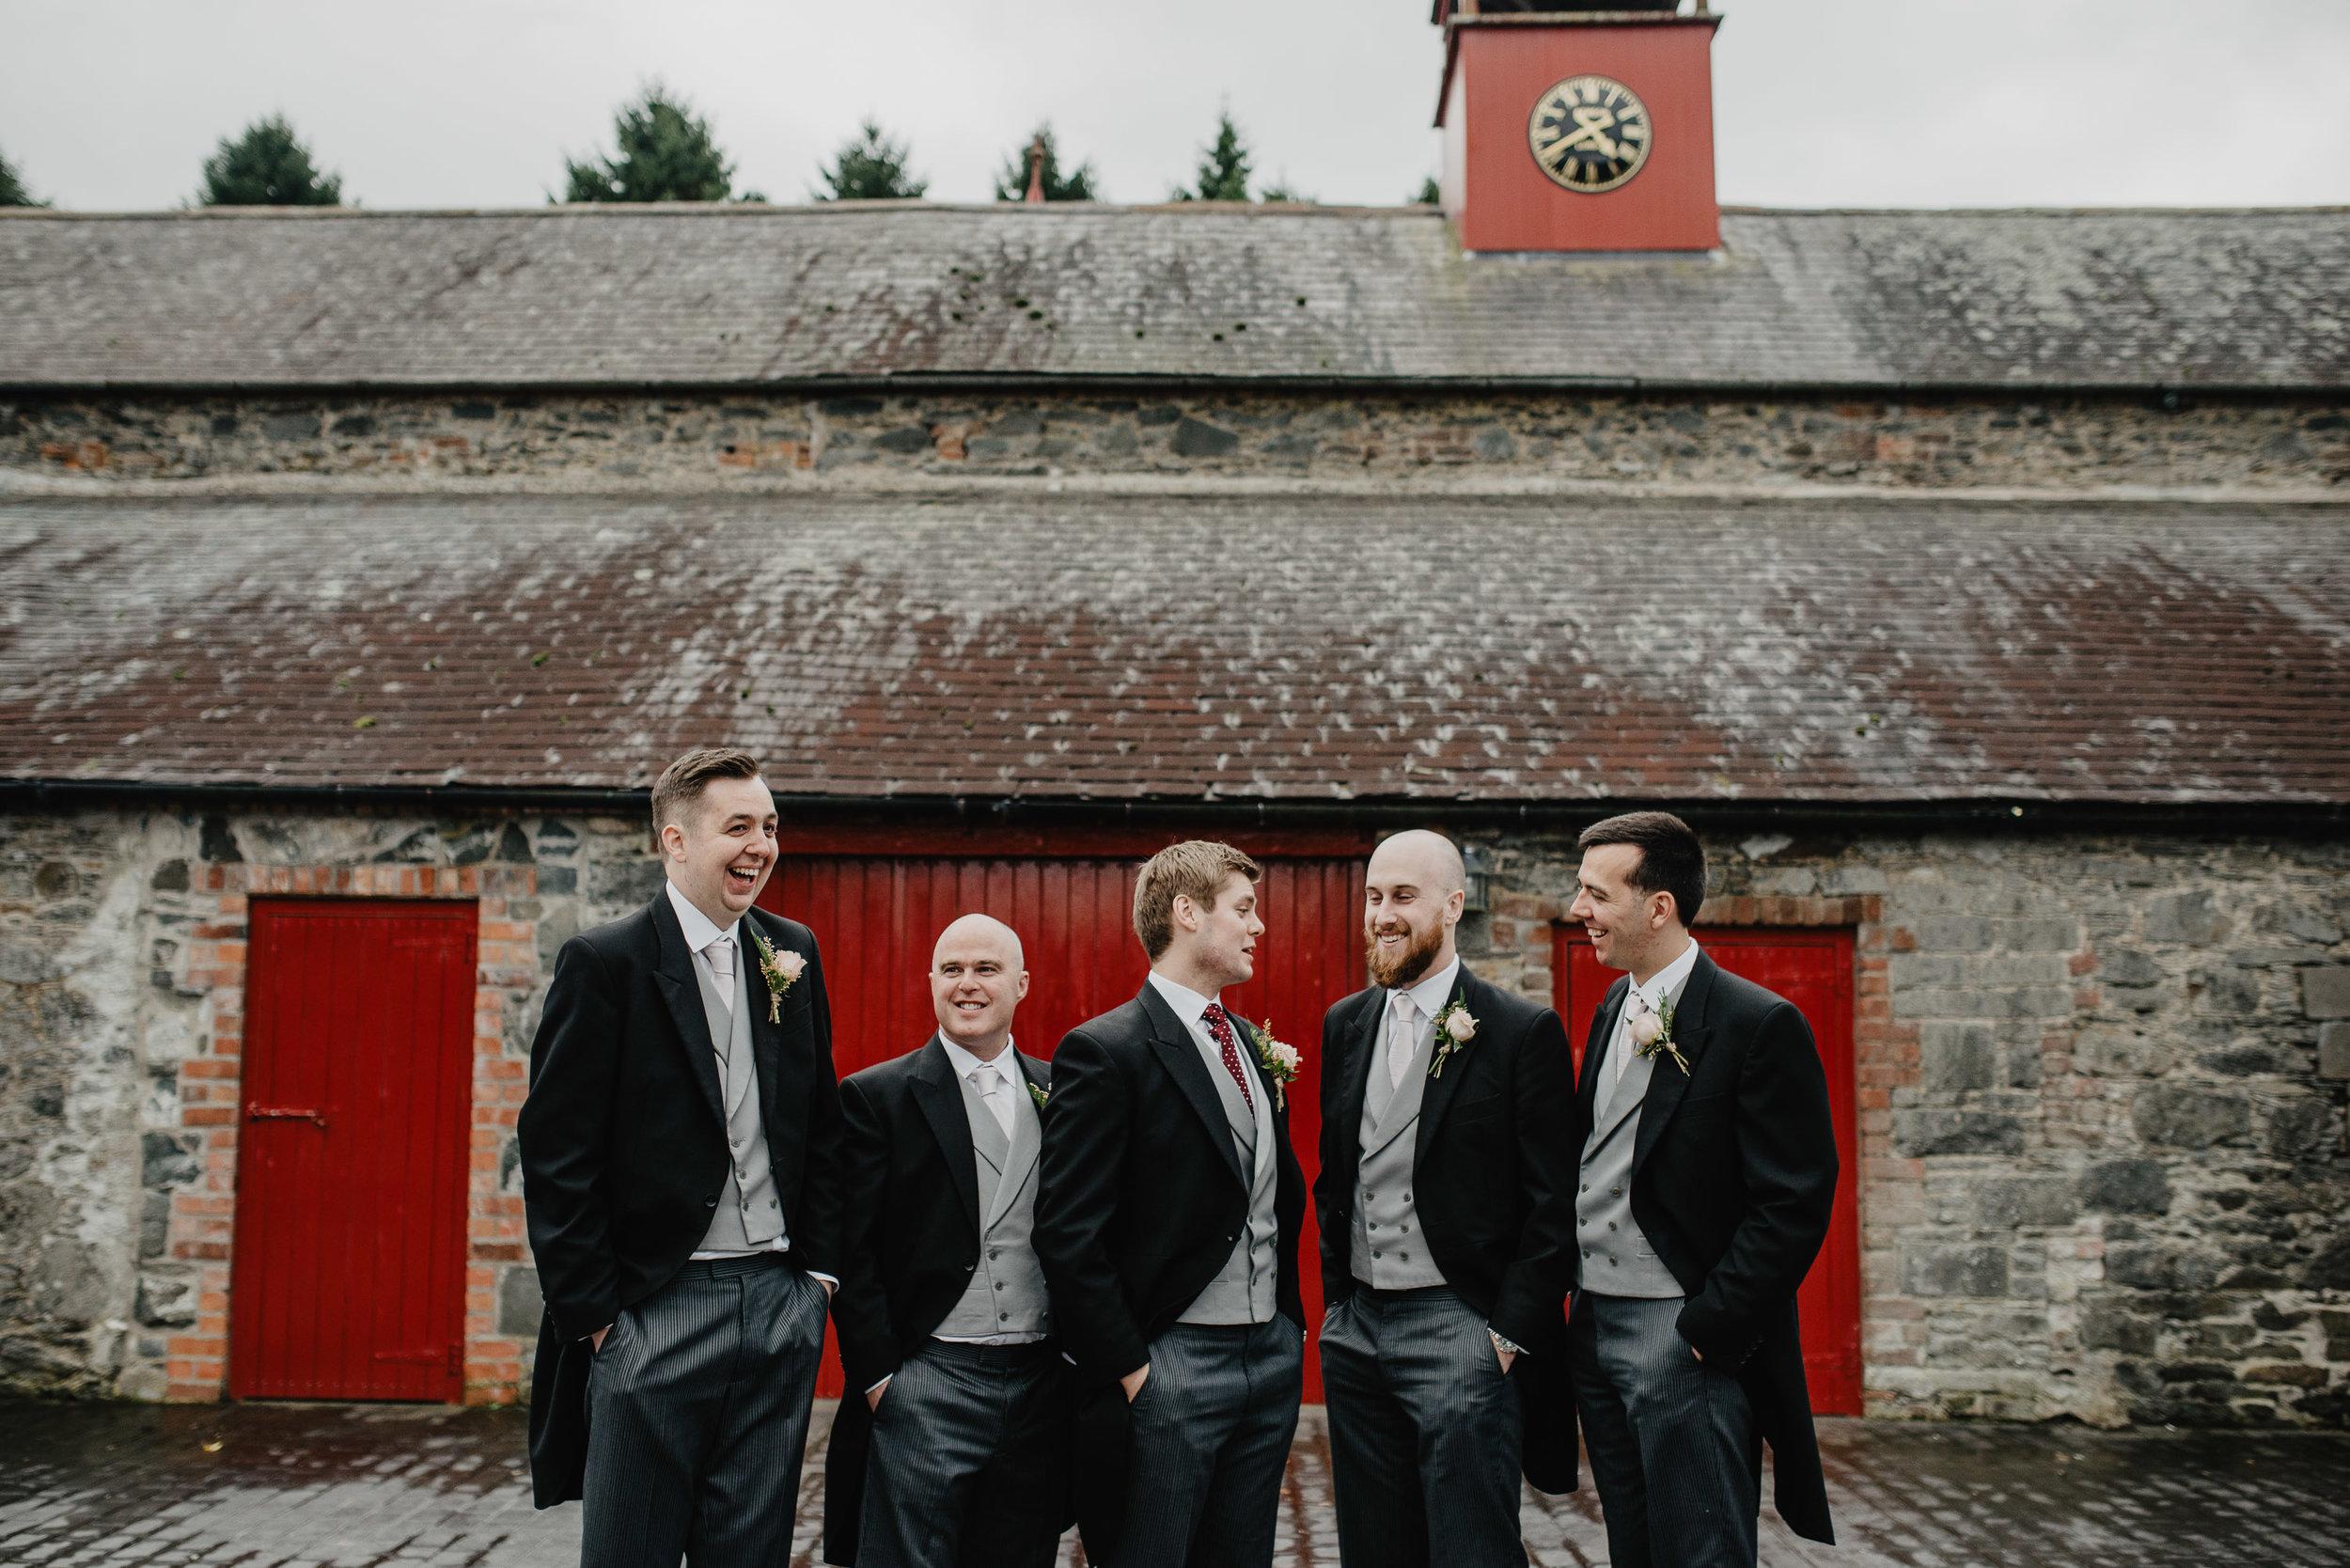 larchfield estate wedding photos-129.jpg